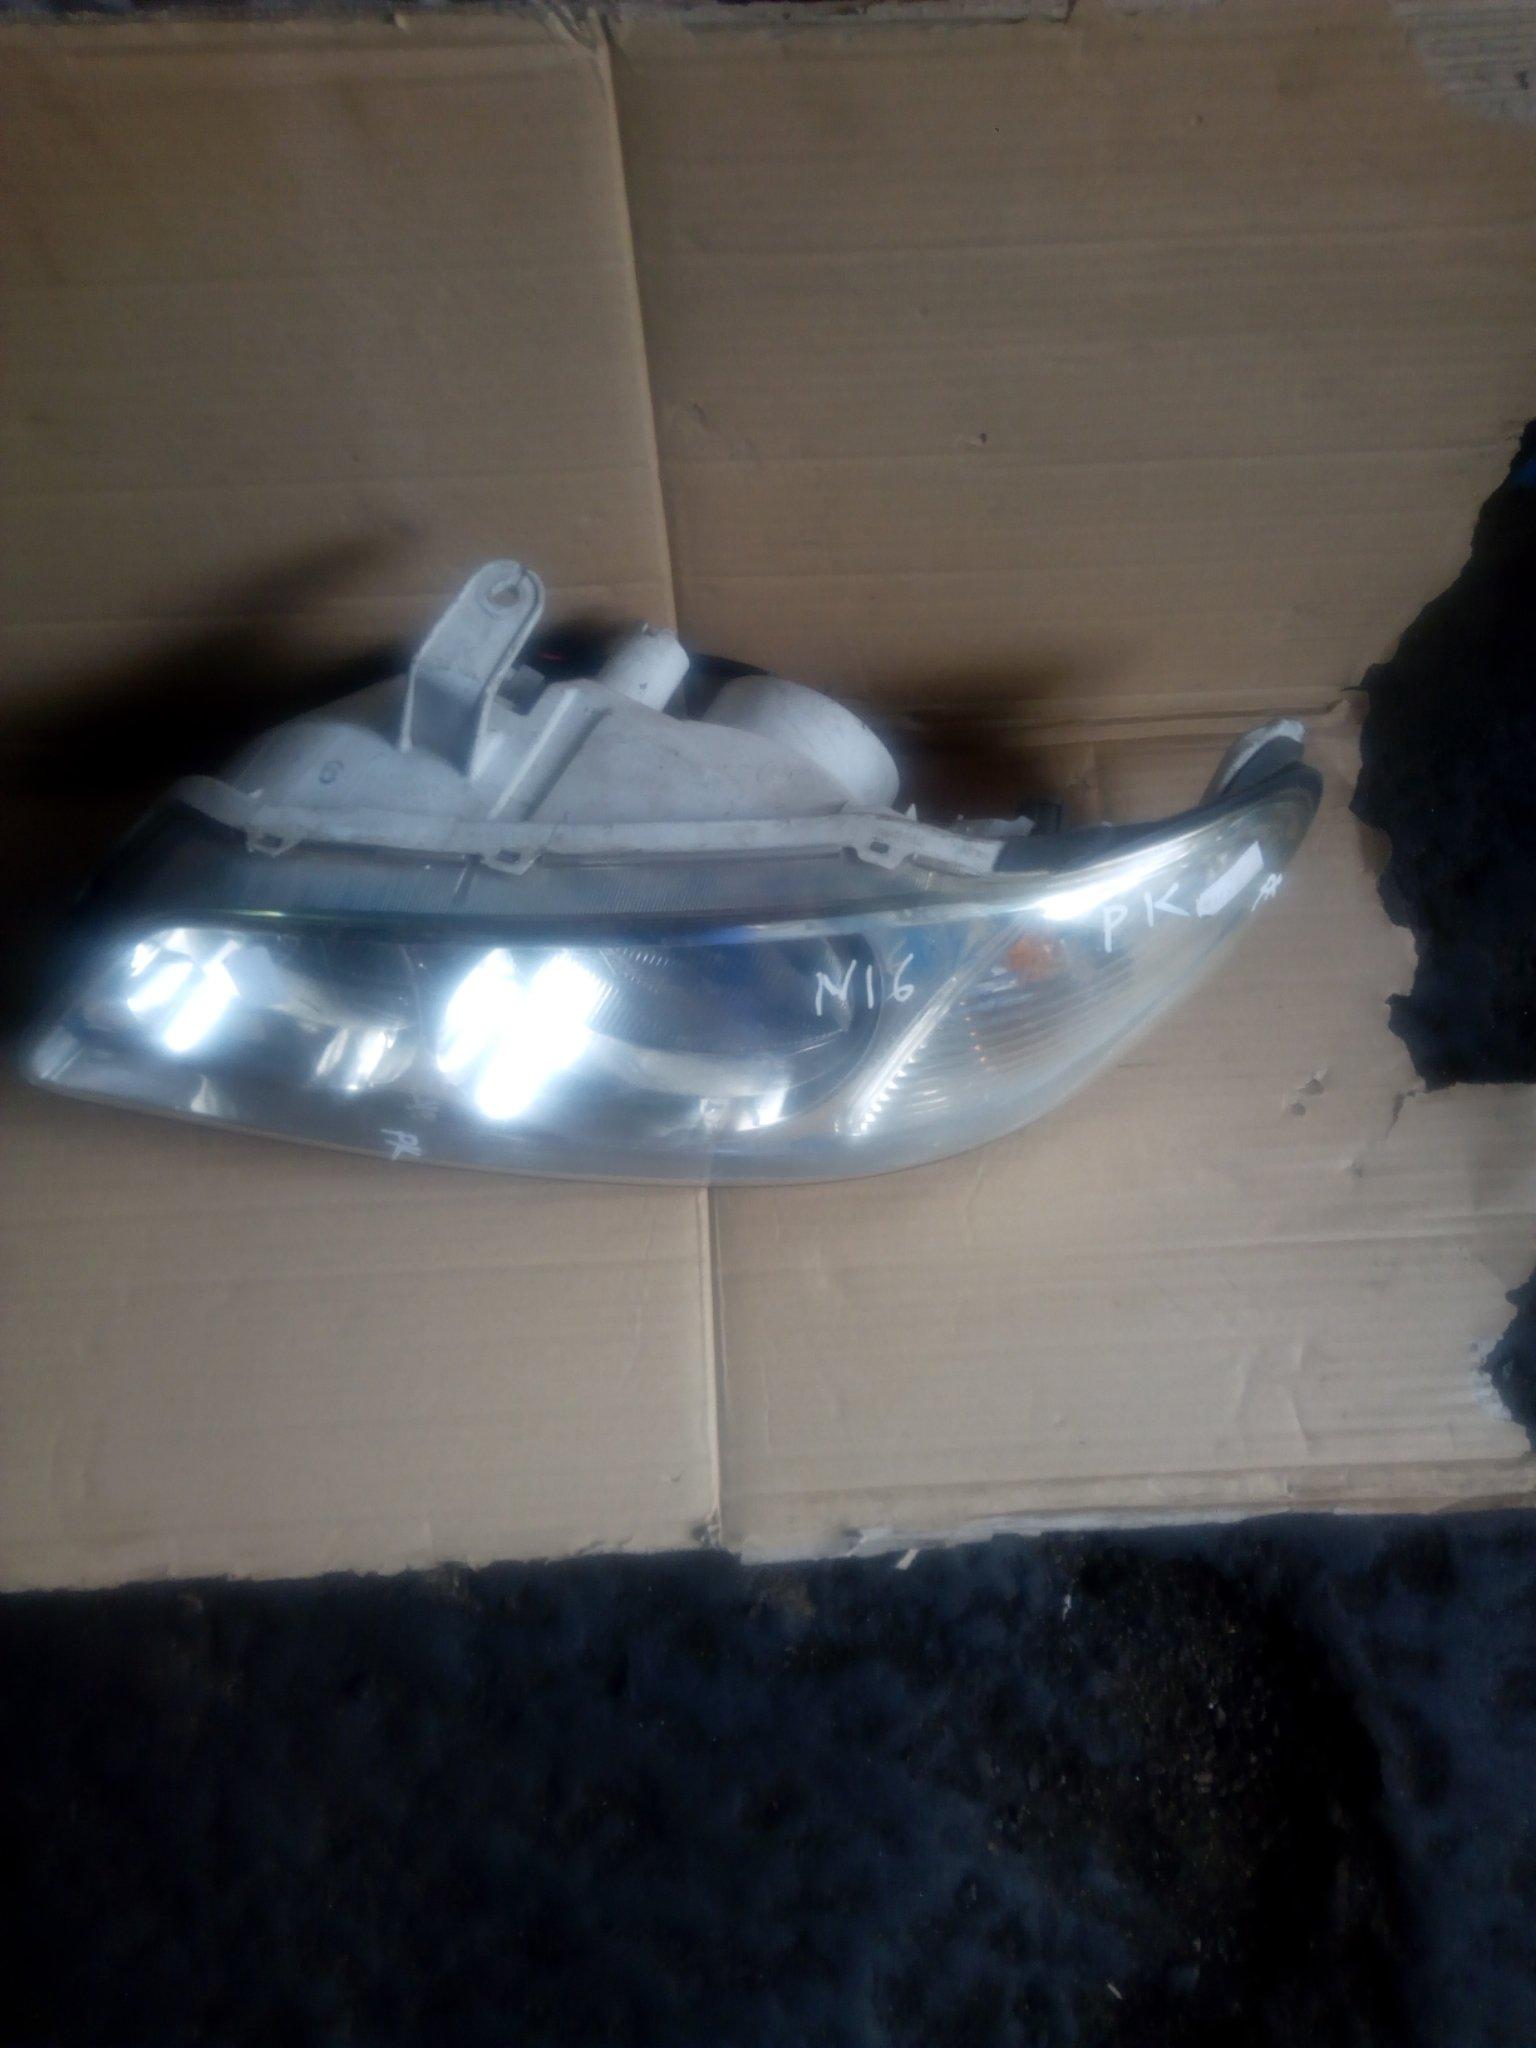 Nissan silphy headlight 00141